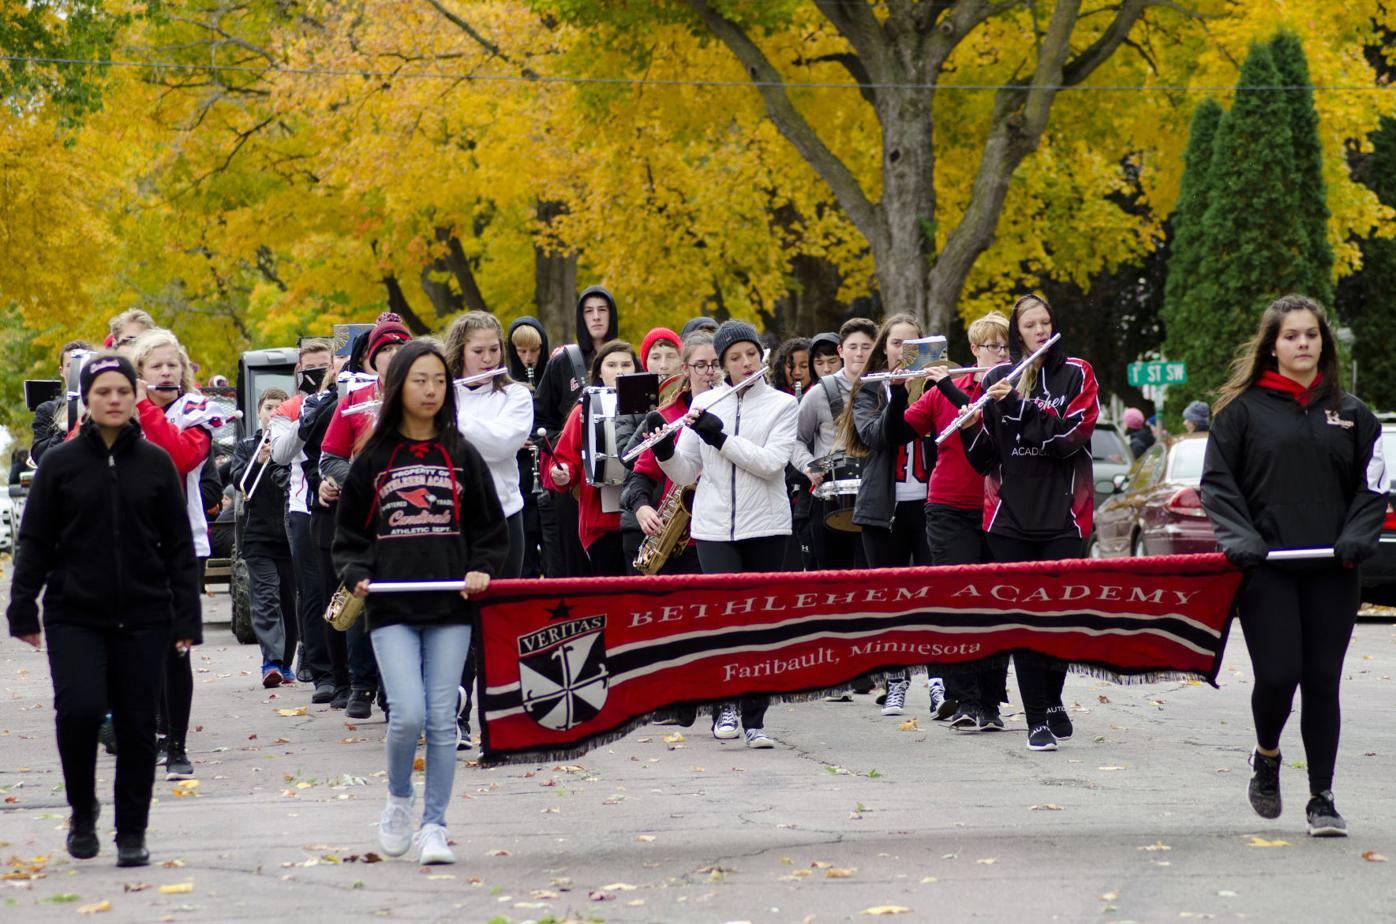 BA homecoming parade/band